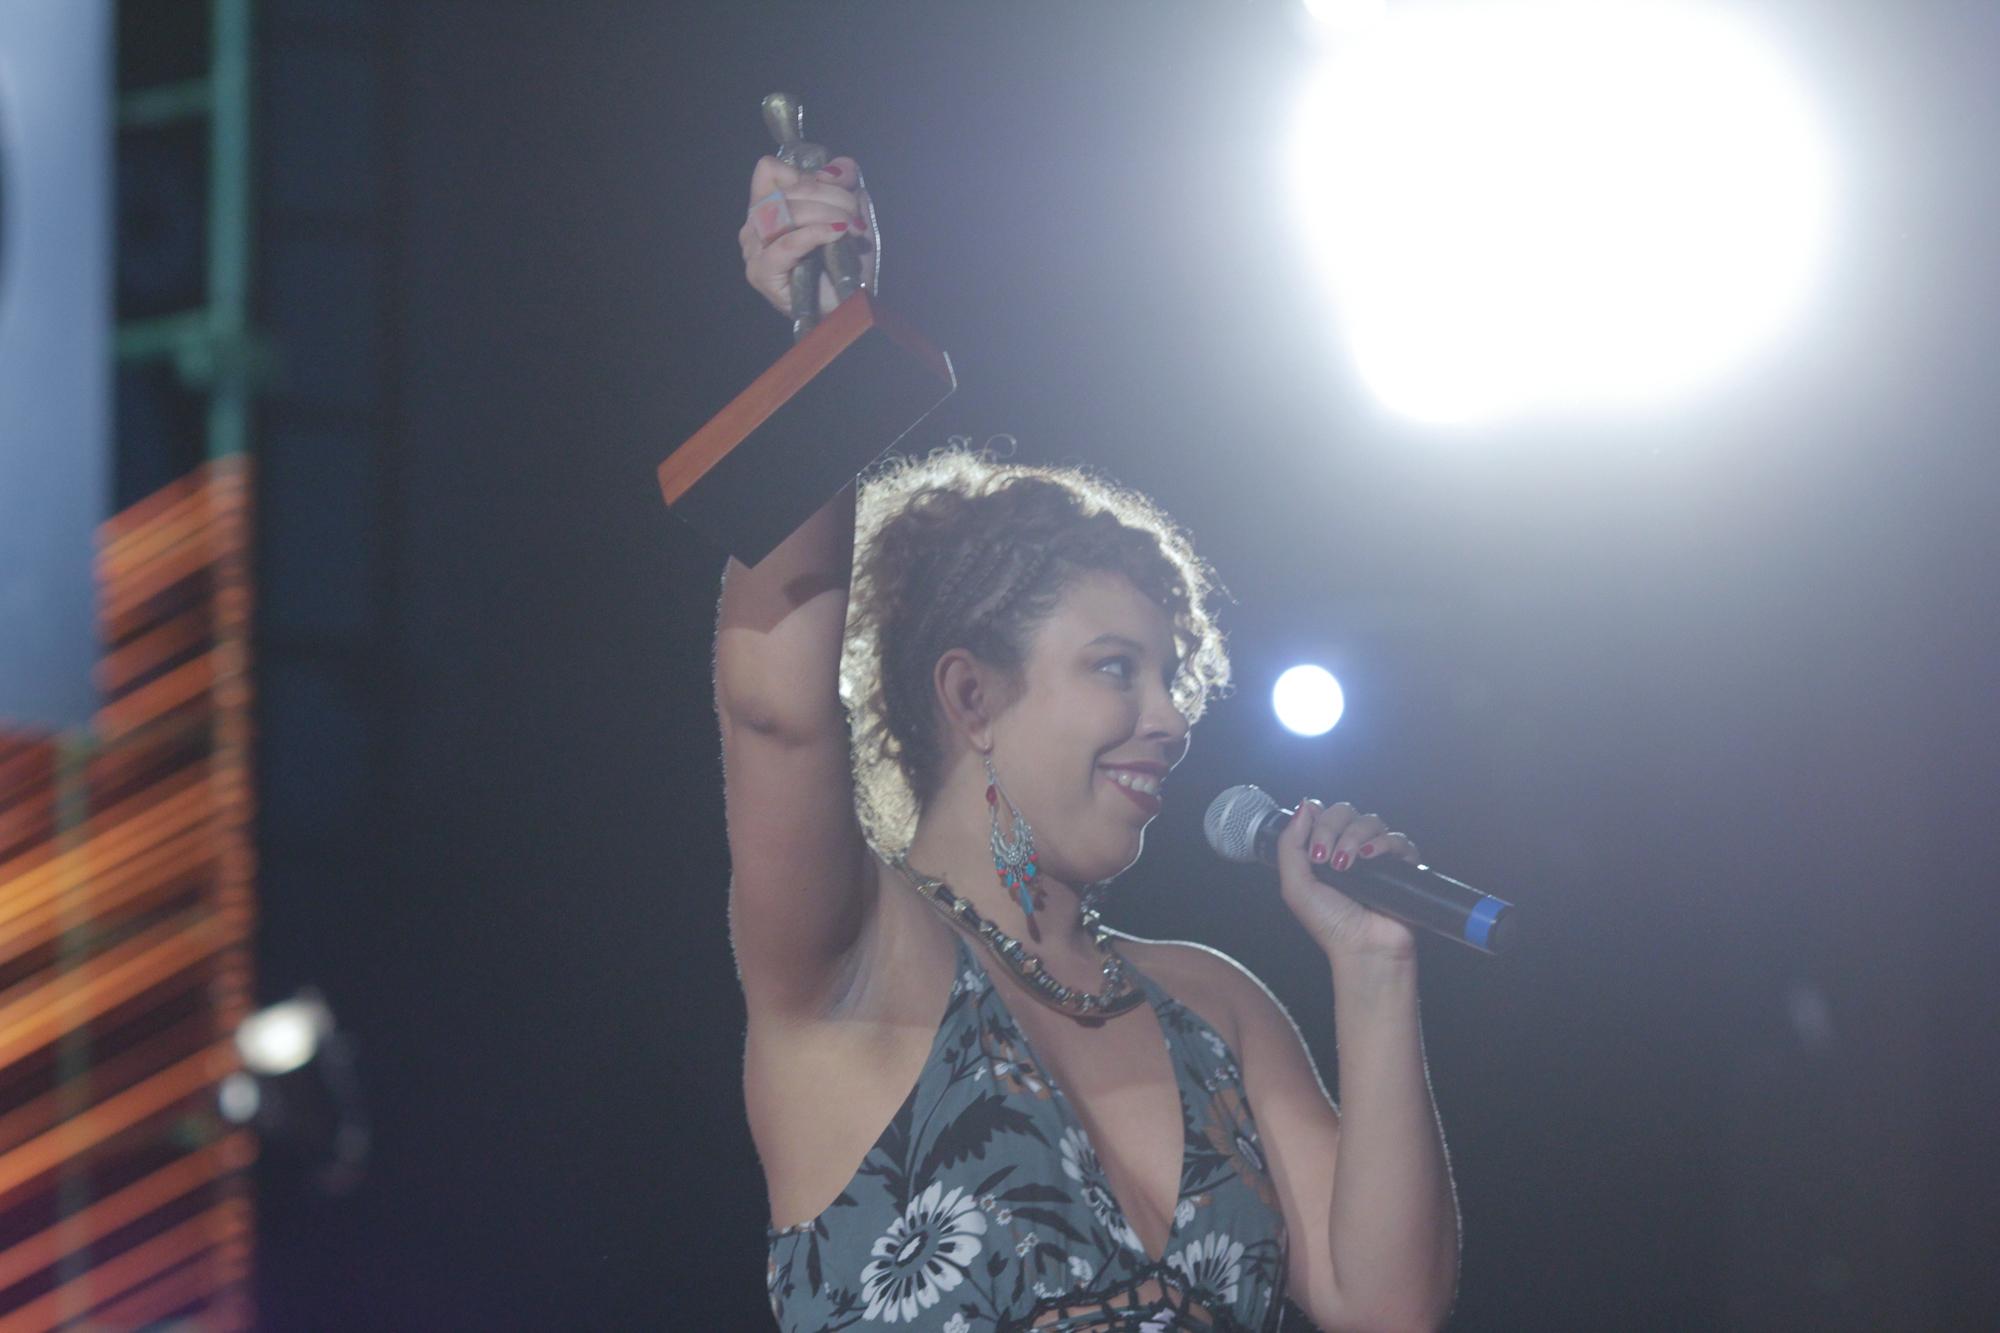 Peripatético, da ex-aluna Jéssica Queiroz, ganha dois prêmios no Festival de Brasília